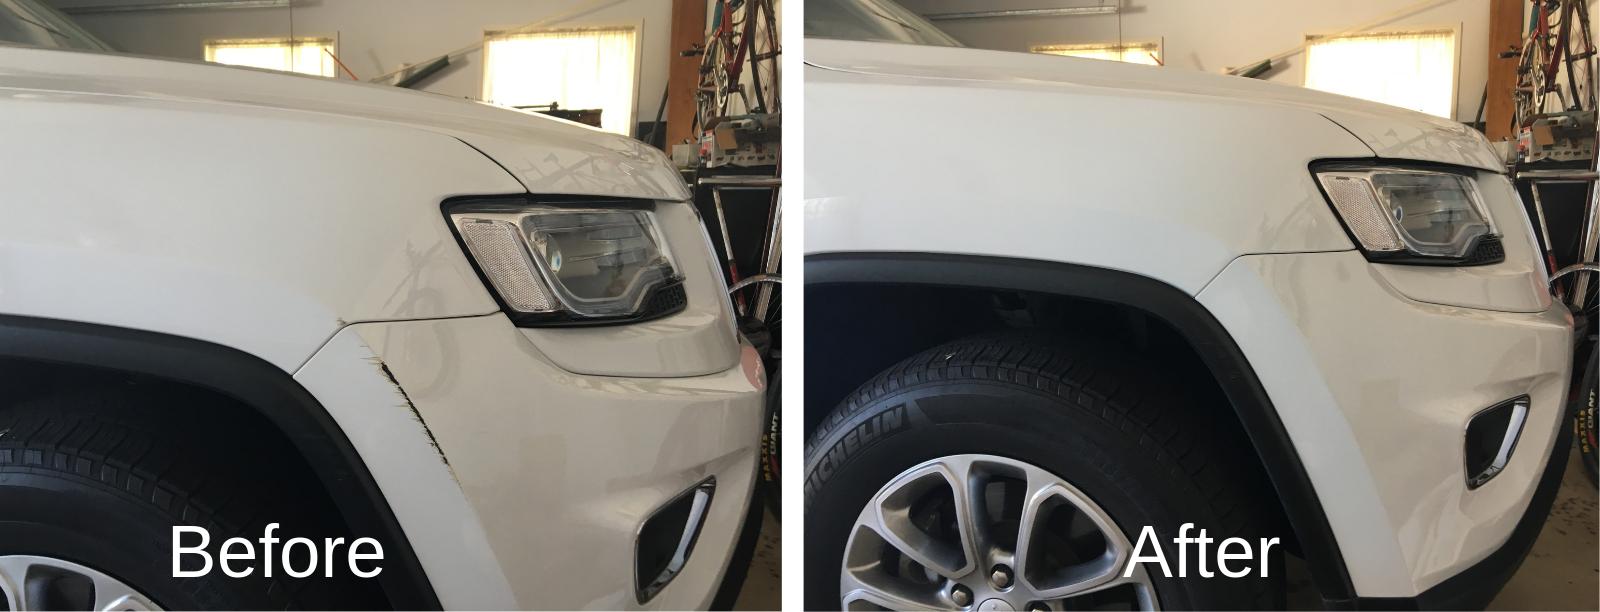 bumper repairs in Sydney